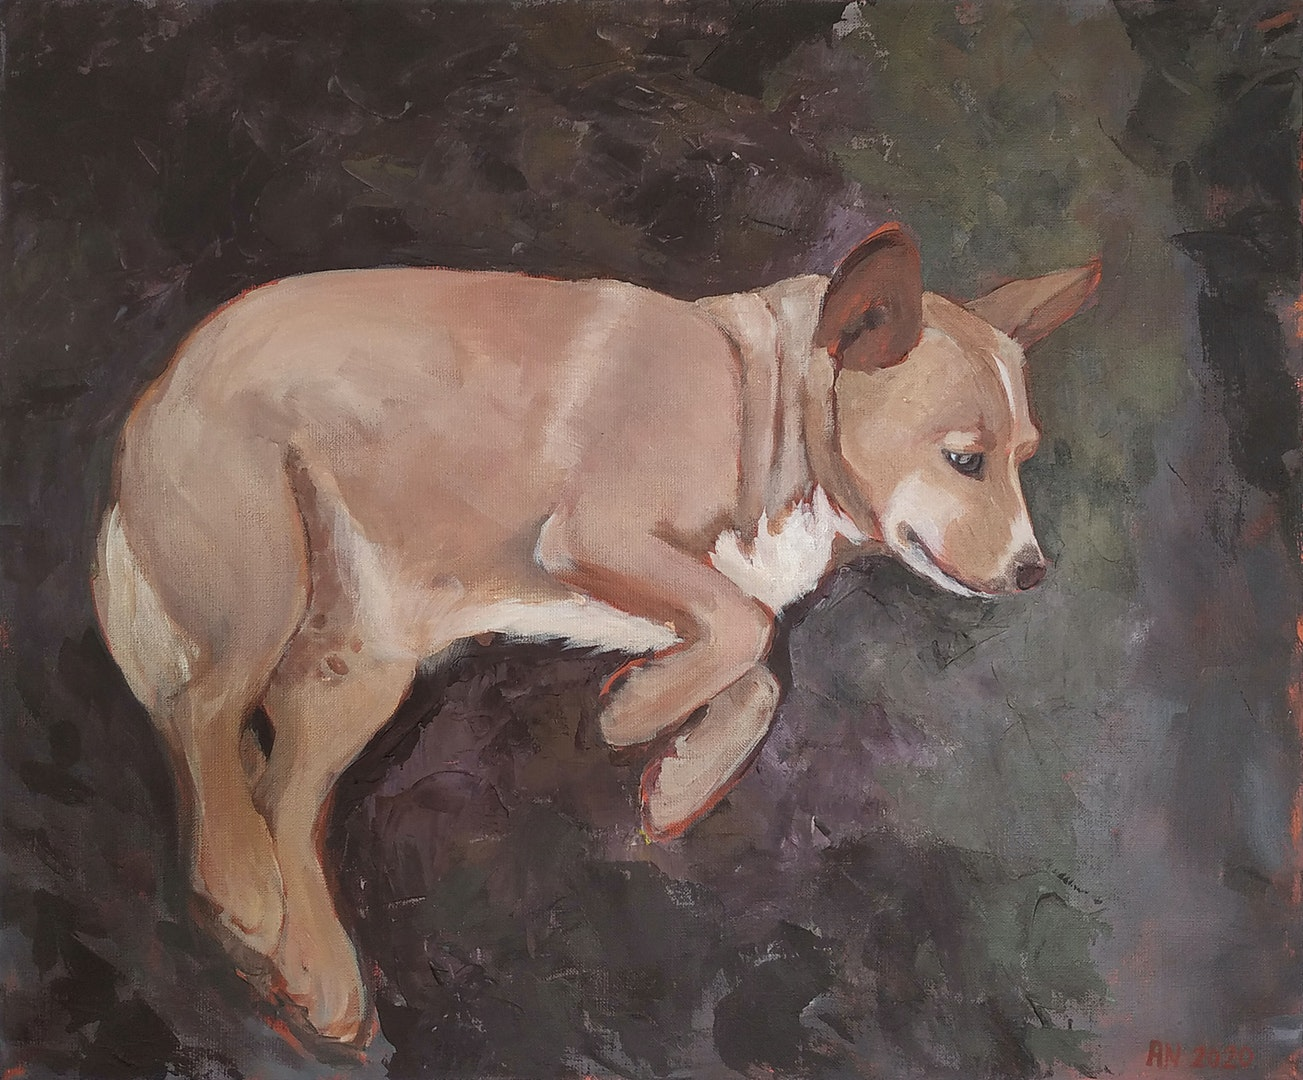 'Zuzia', Anna Sołtysik, Acrylic on canvas, 50 x 60 cm